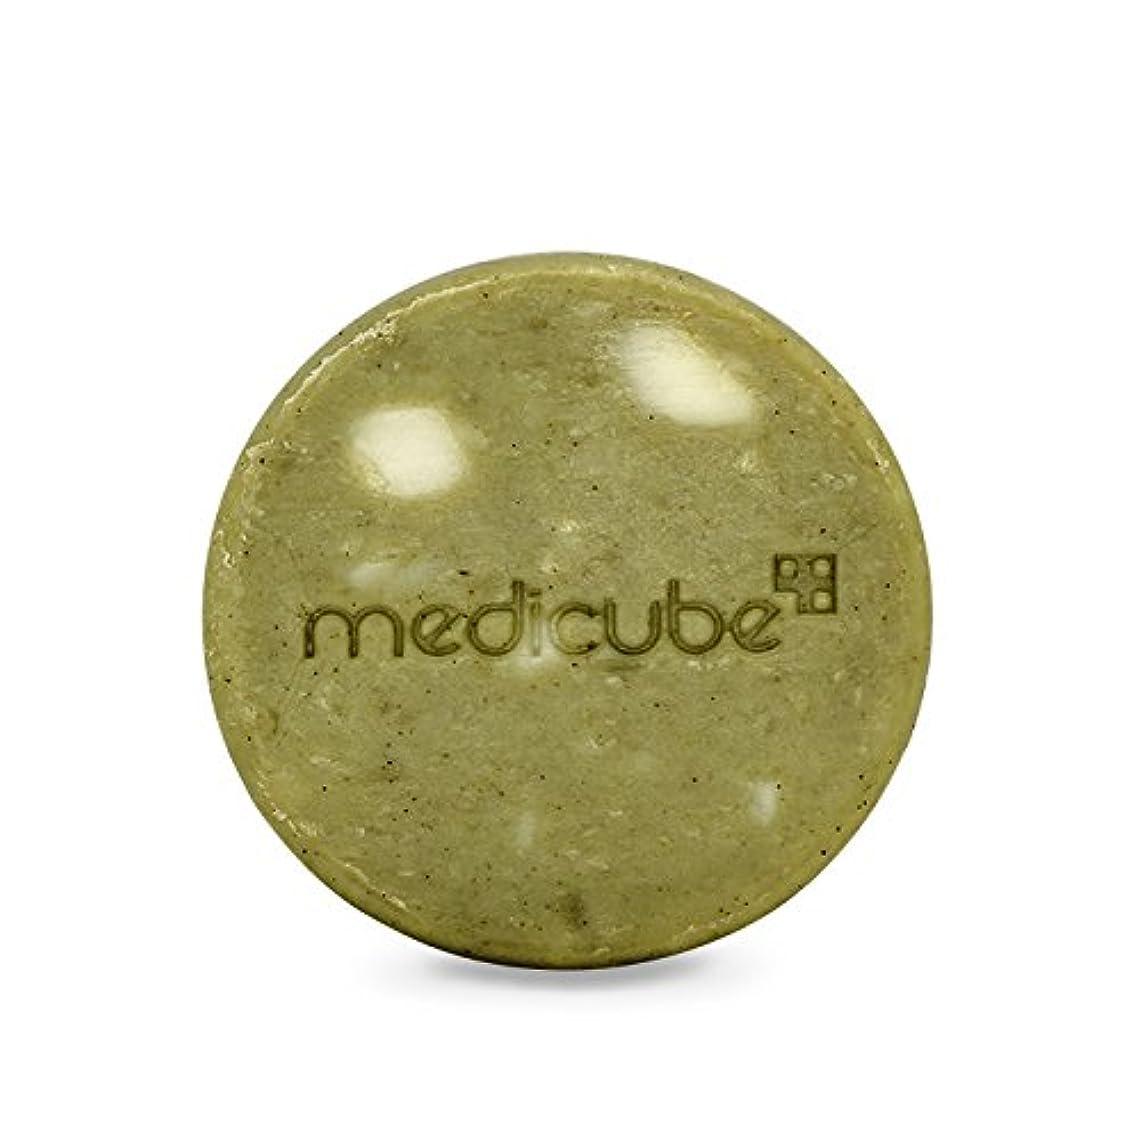 持ってるロンドン完璧[Medicube]Red Body Bar / メディキューブレッドボディバー / 正品?海外直送商品 [並行輸入品]